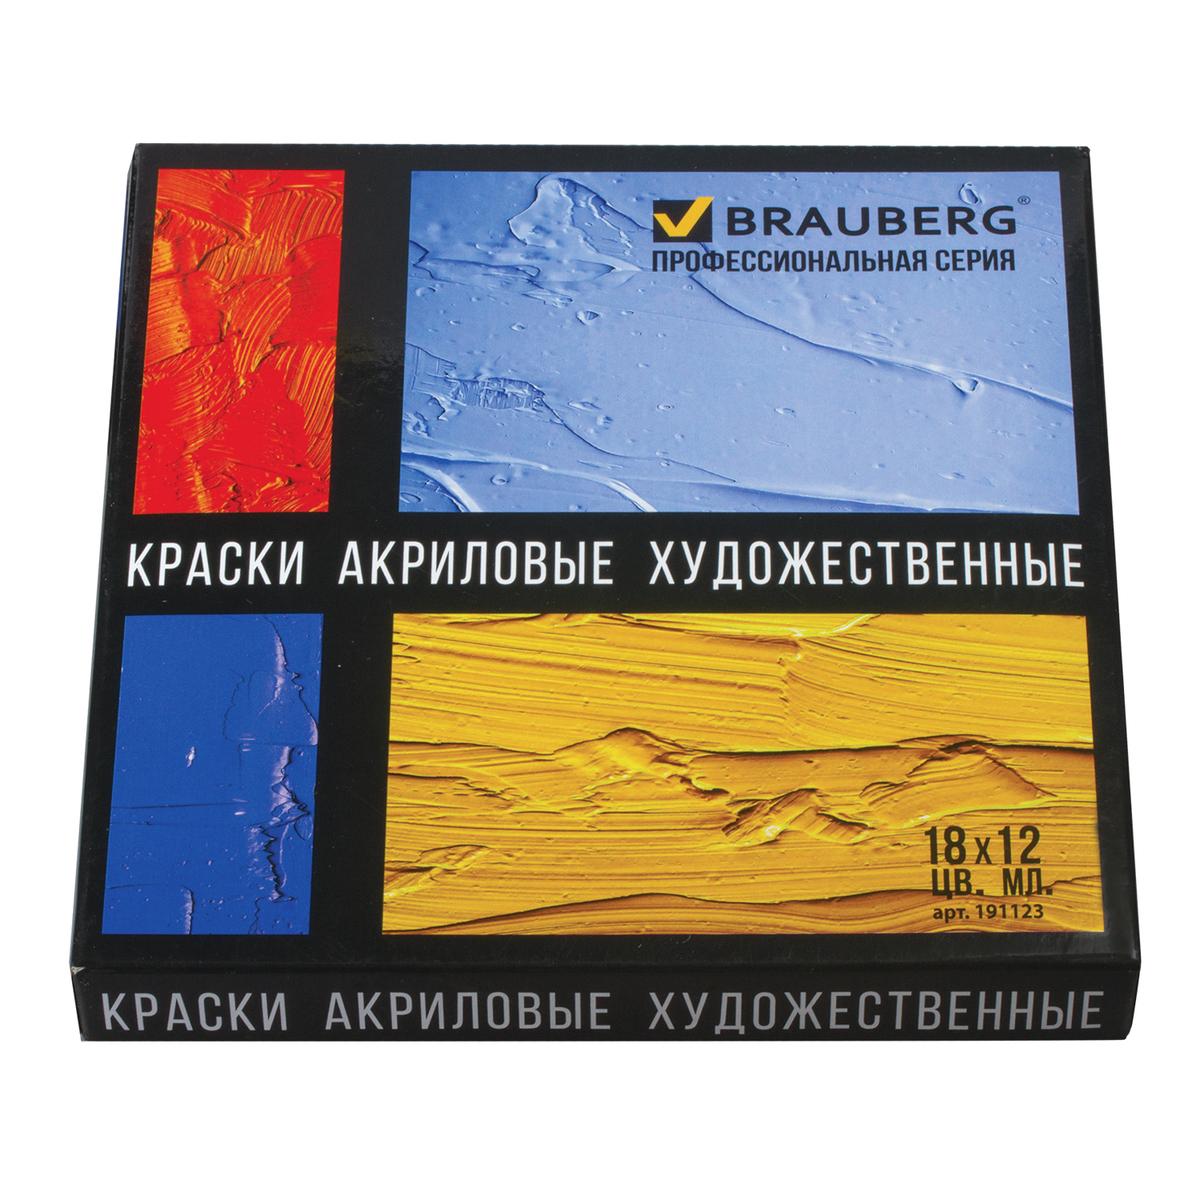 Brauberg Краски акриловые 18 цветов 191123191123Краски акриловые Brauberg предназначены для живописи и декоративных работ. Легко наносятся практически на любую поверхность. Яркие и насыщенные цвета. Быстрое высыхание без изменения цвета. Разбавляются водой.